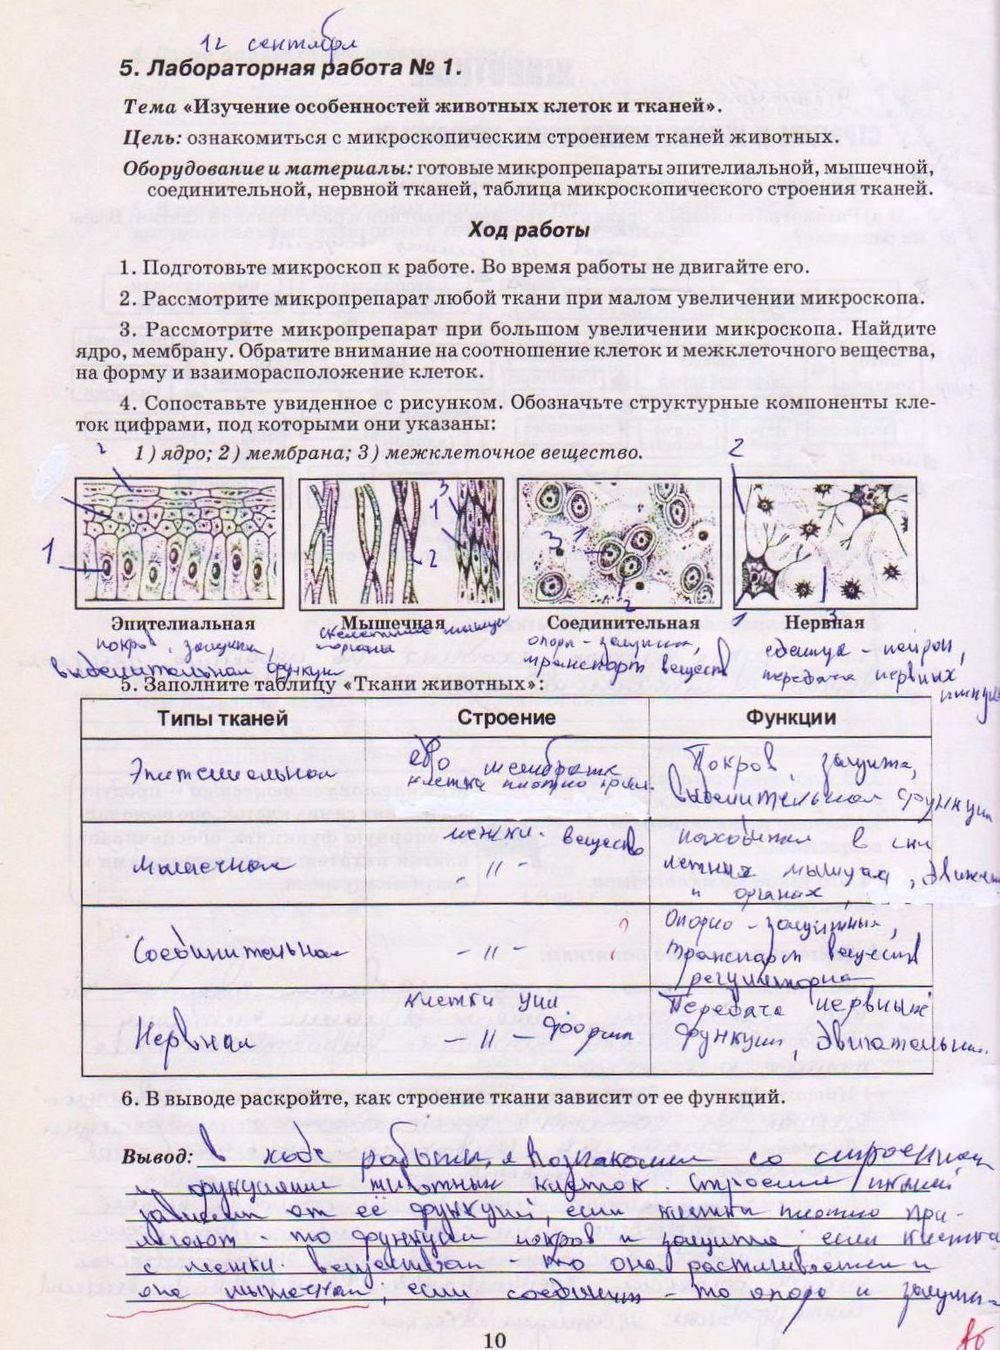 гдз по біології 8 клас робочому зошиті